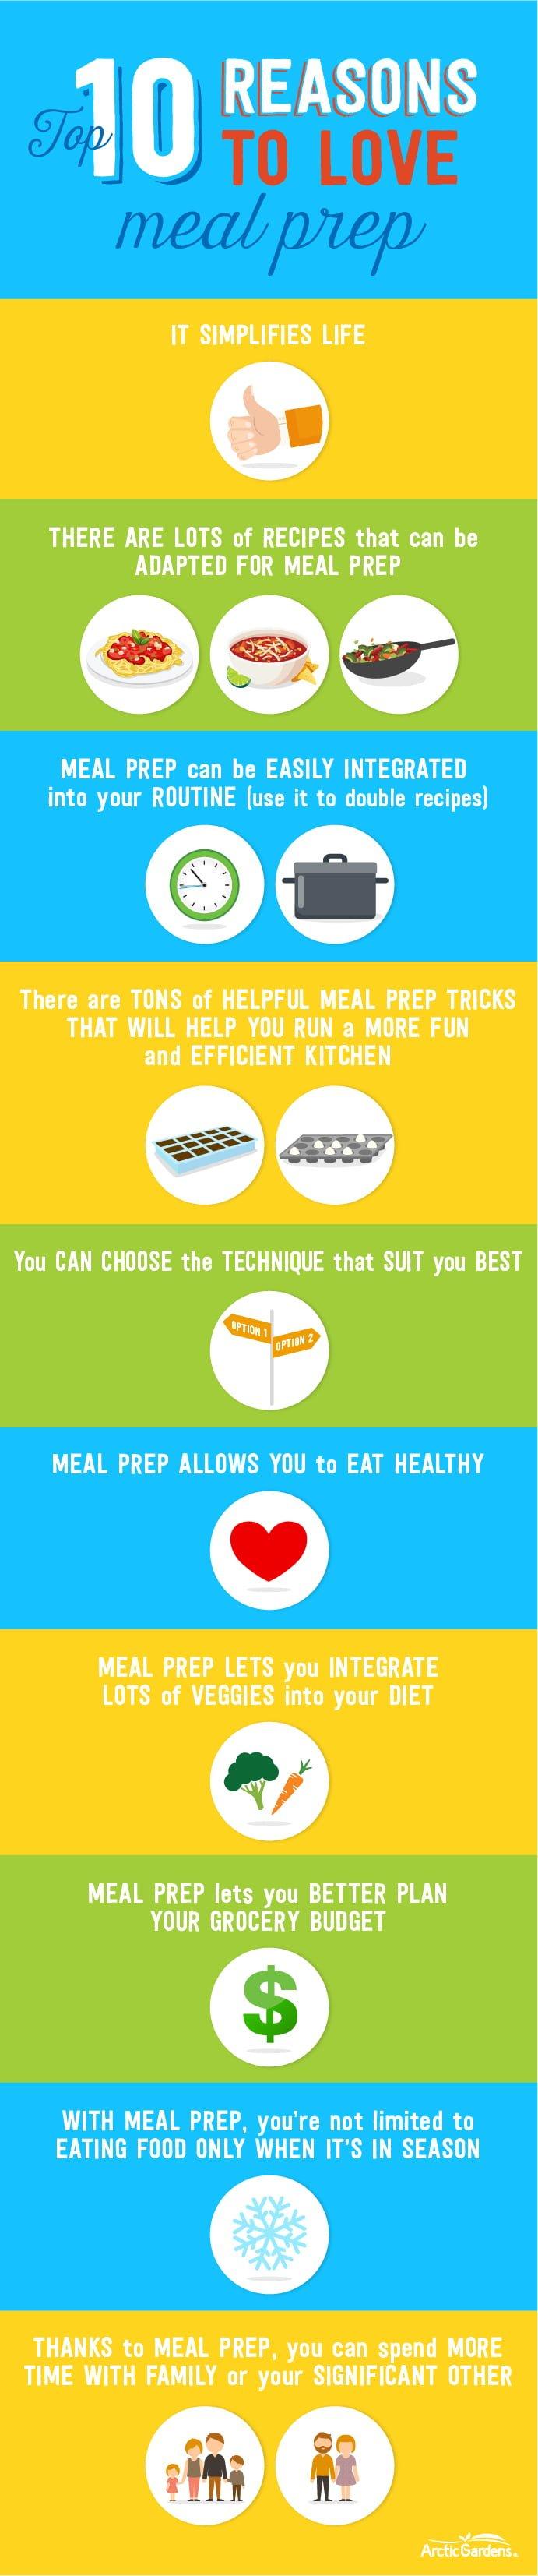 10-reasons-meal-prep